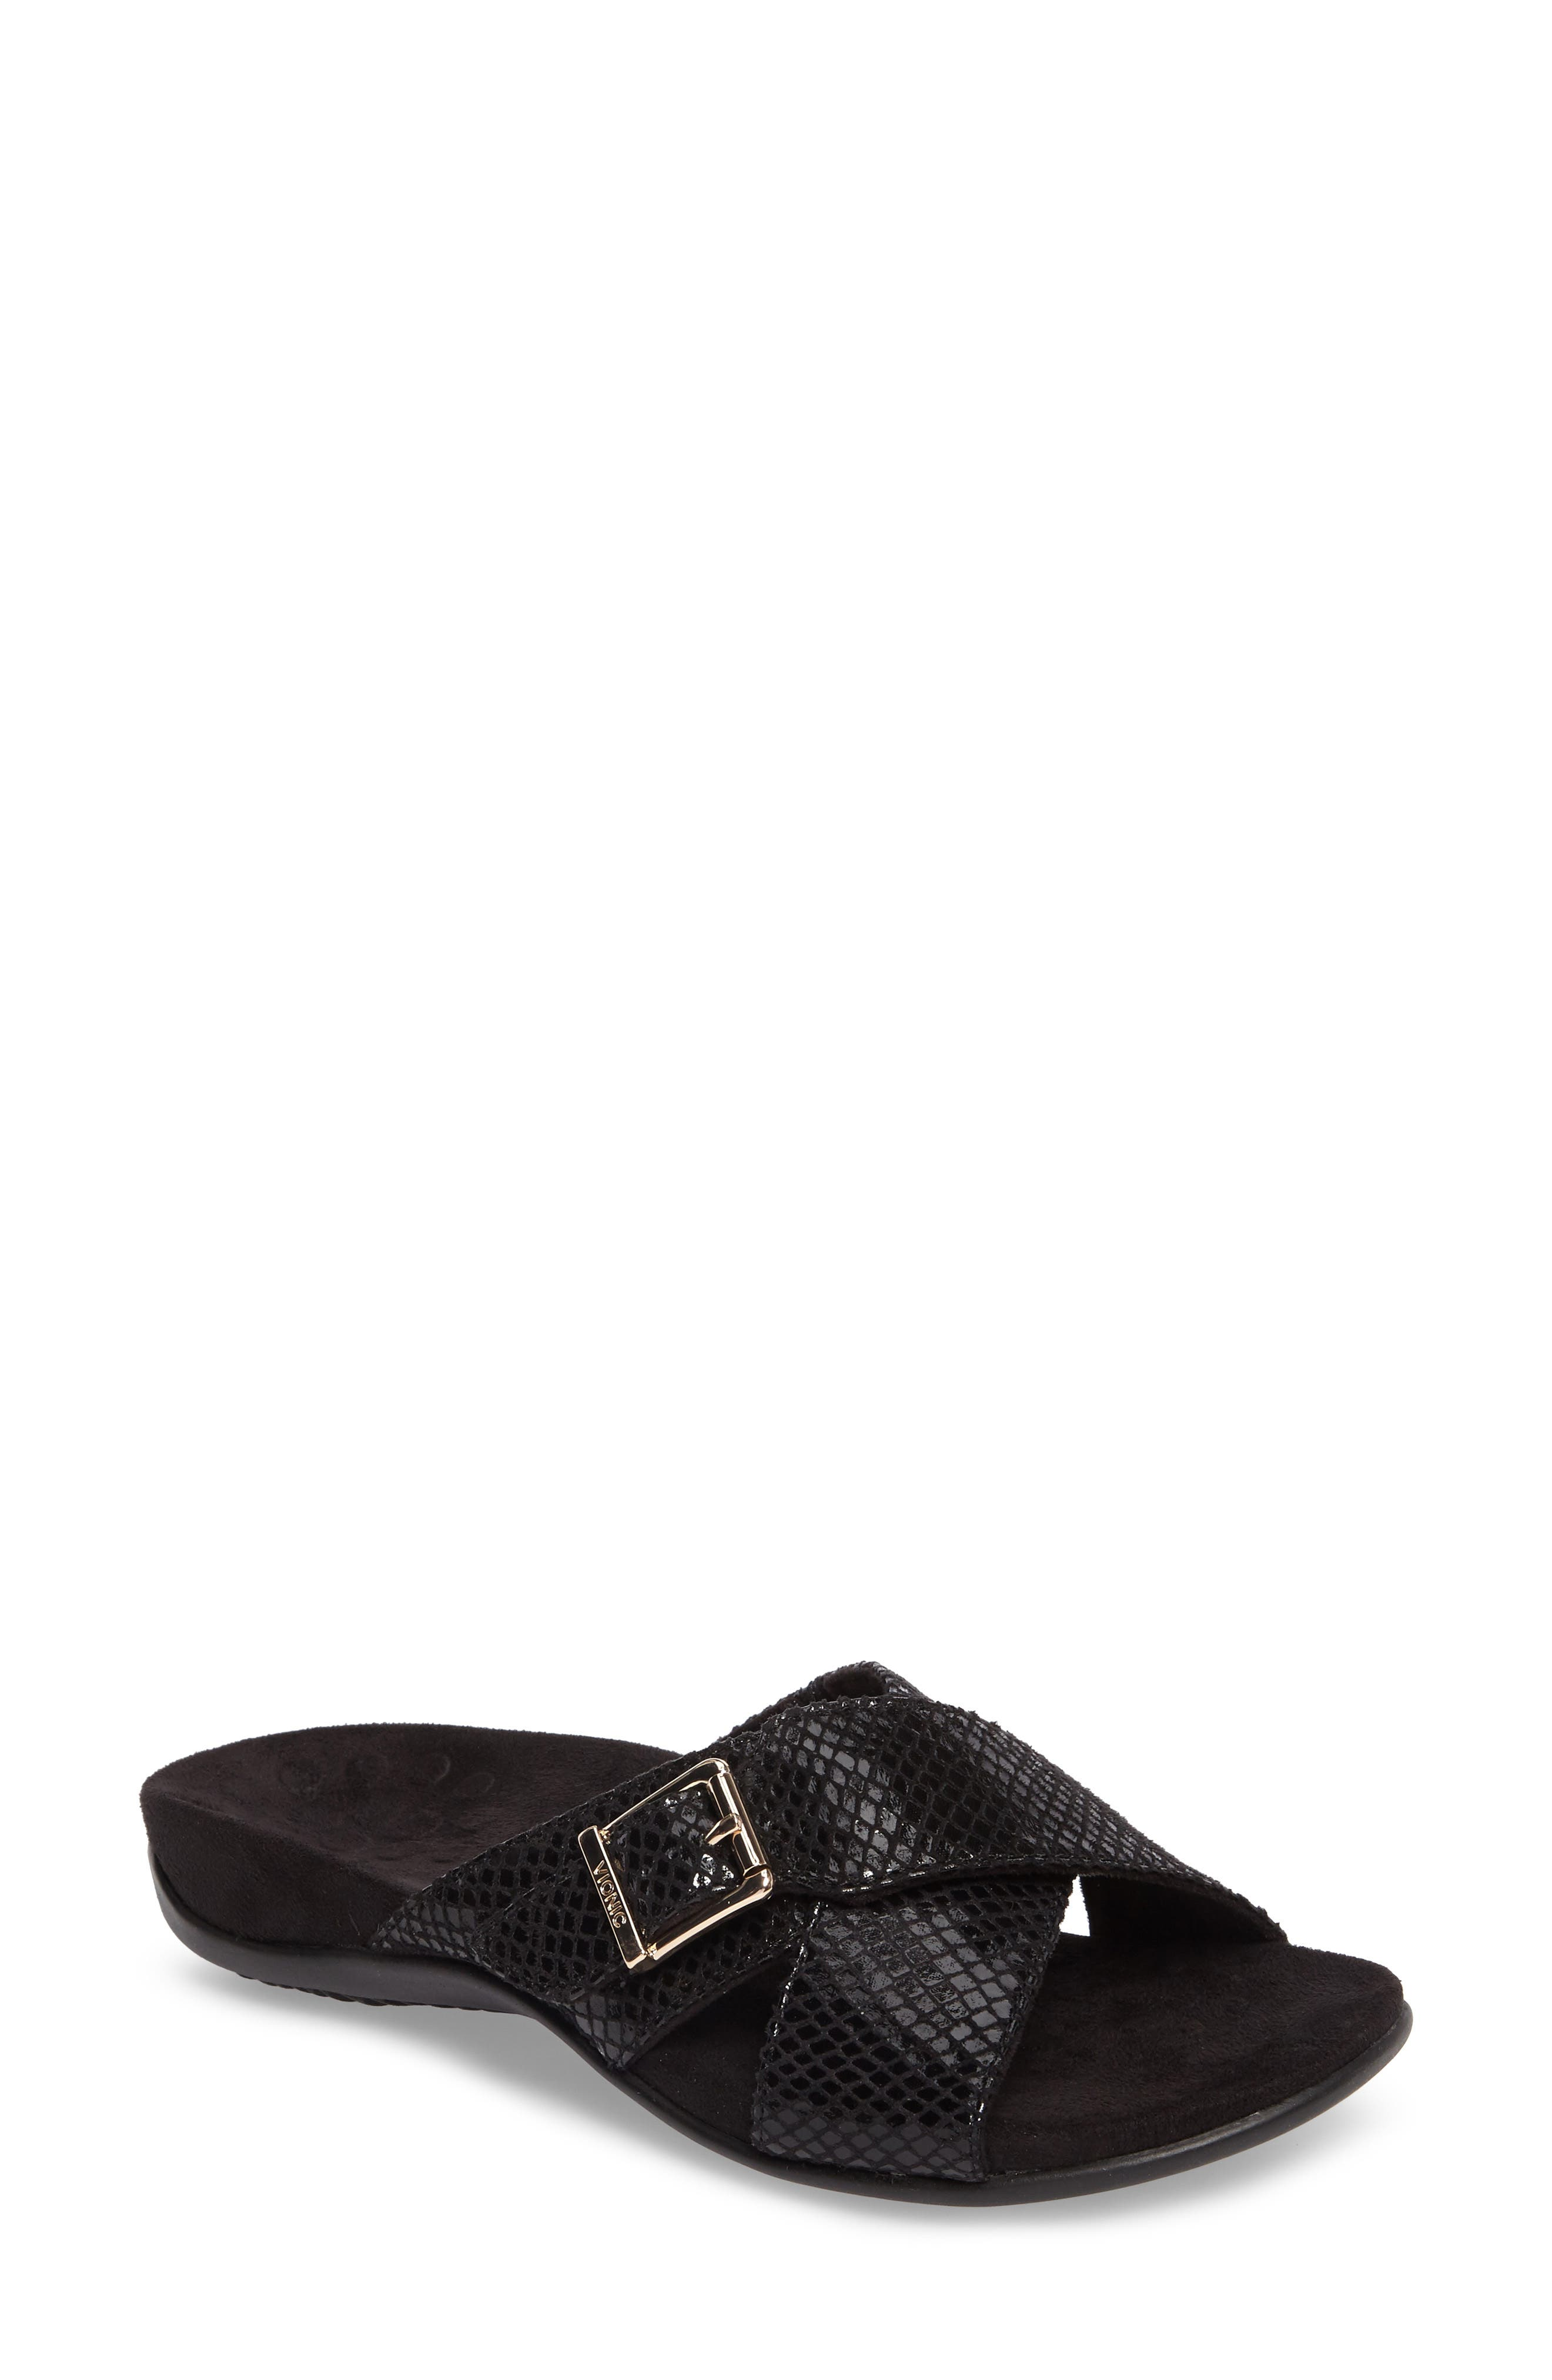 Vionic Dorie Cross Strap Slide Sandal (Women)